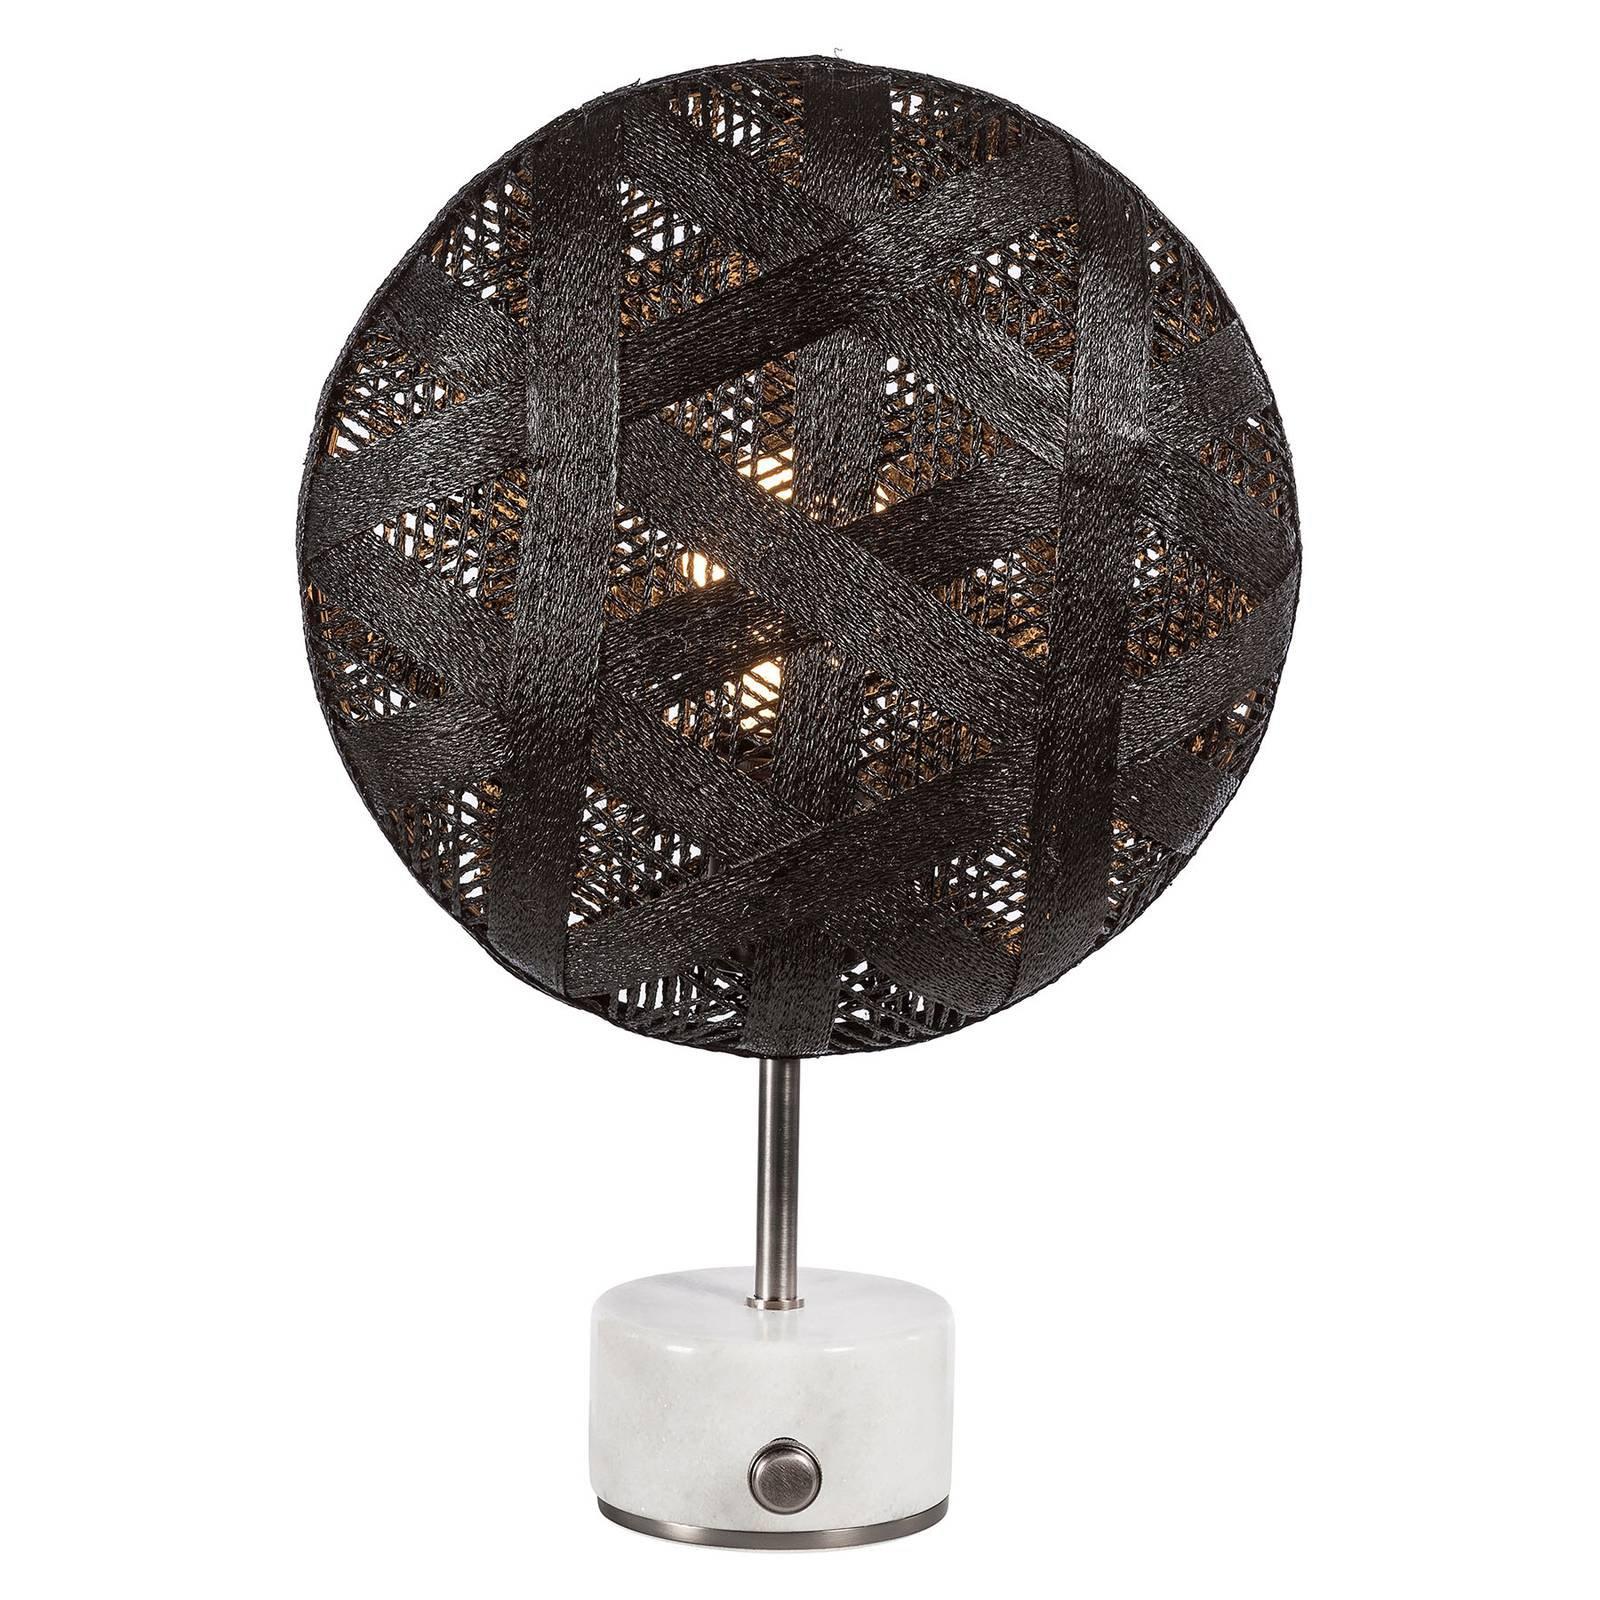 Forestier Chanpen S heksagonal bord, sølv/svart